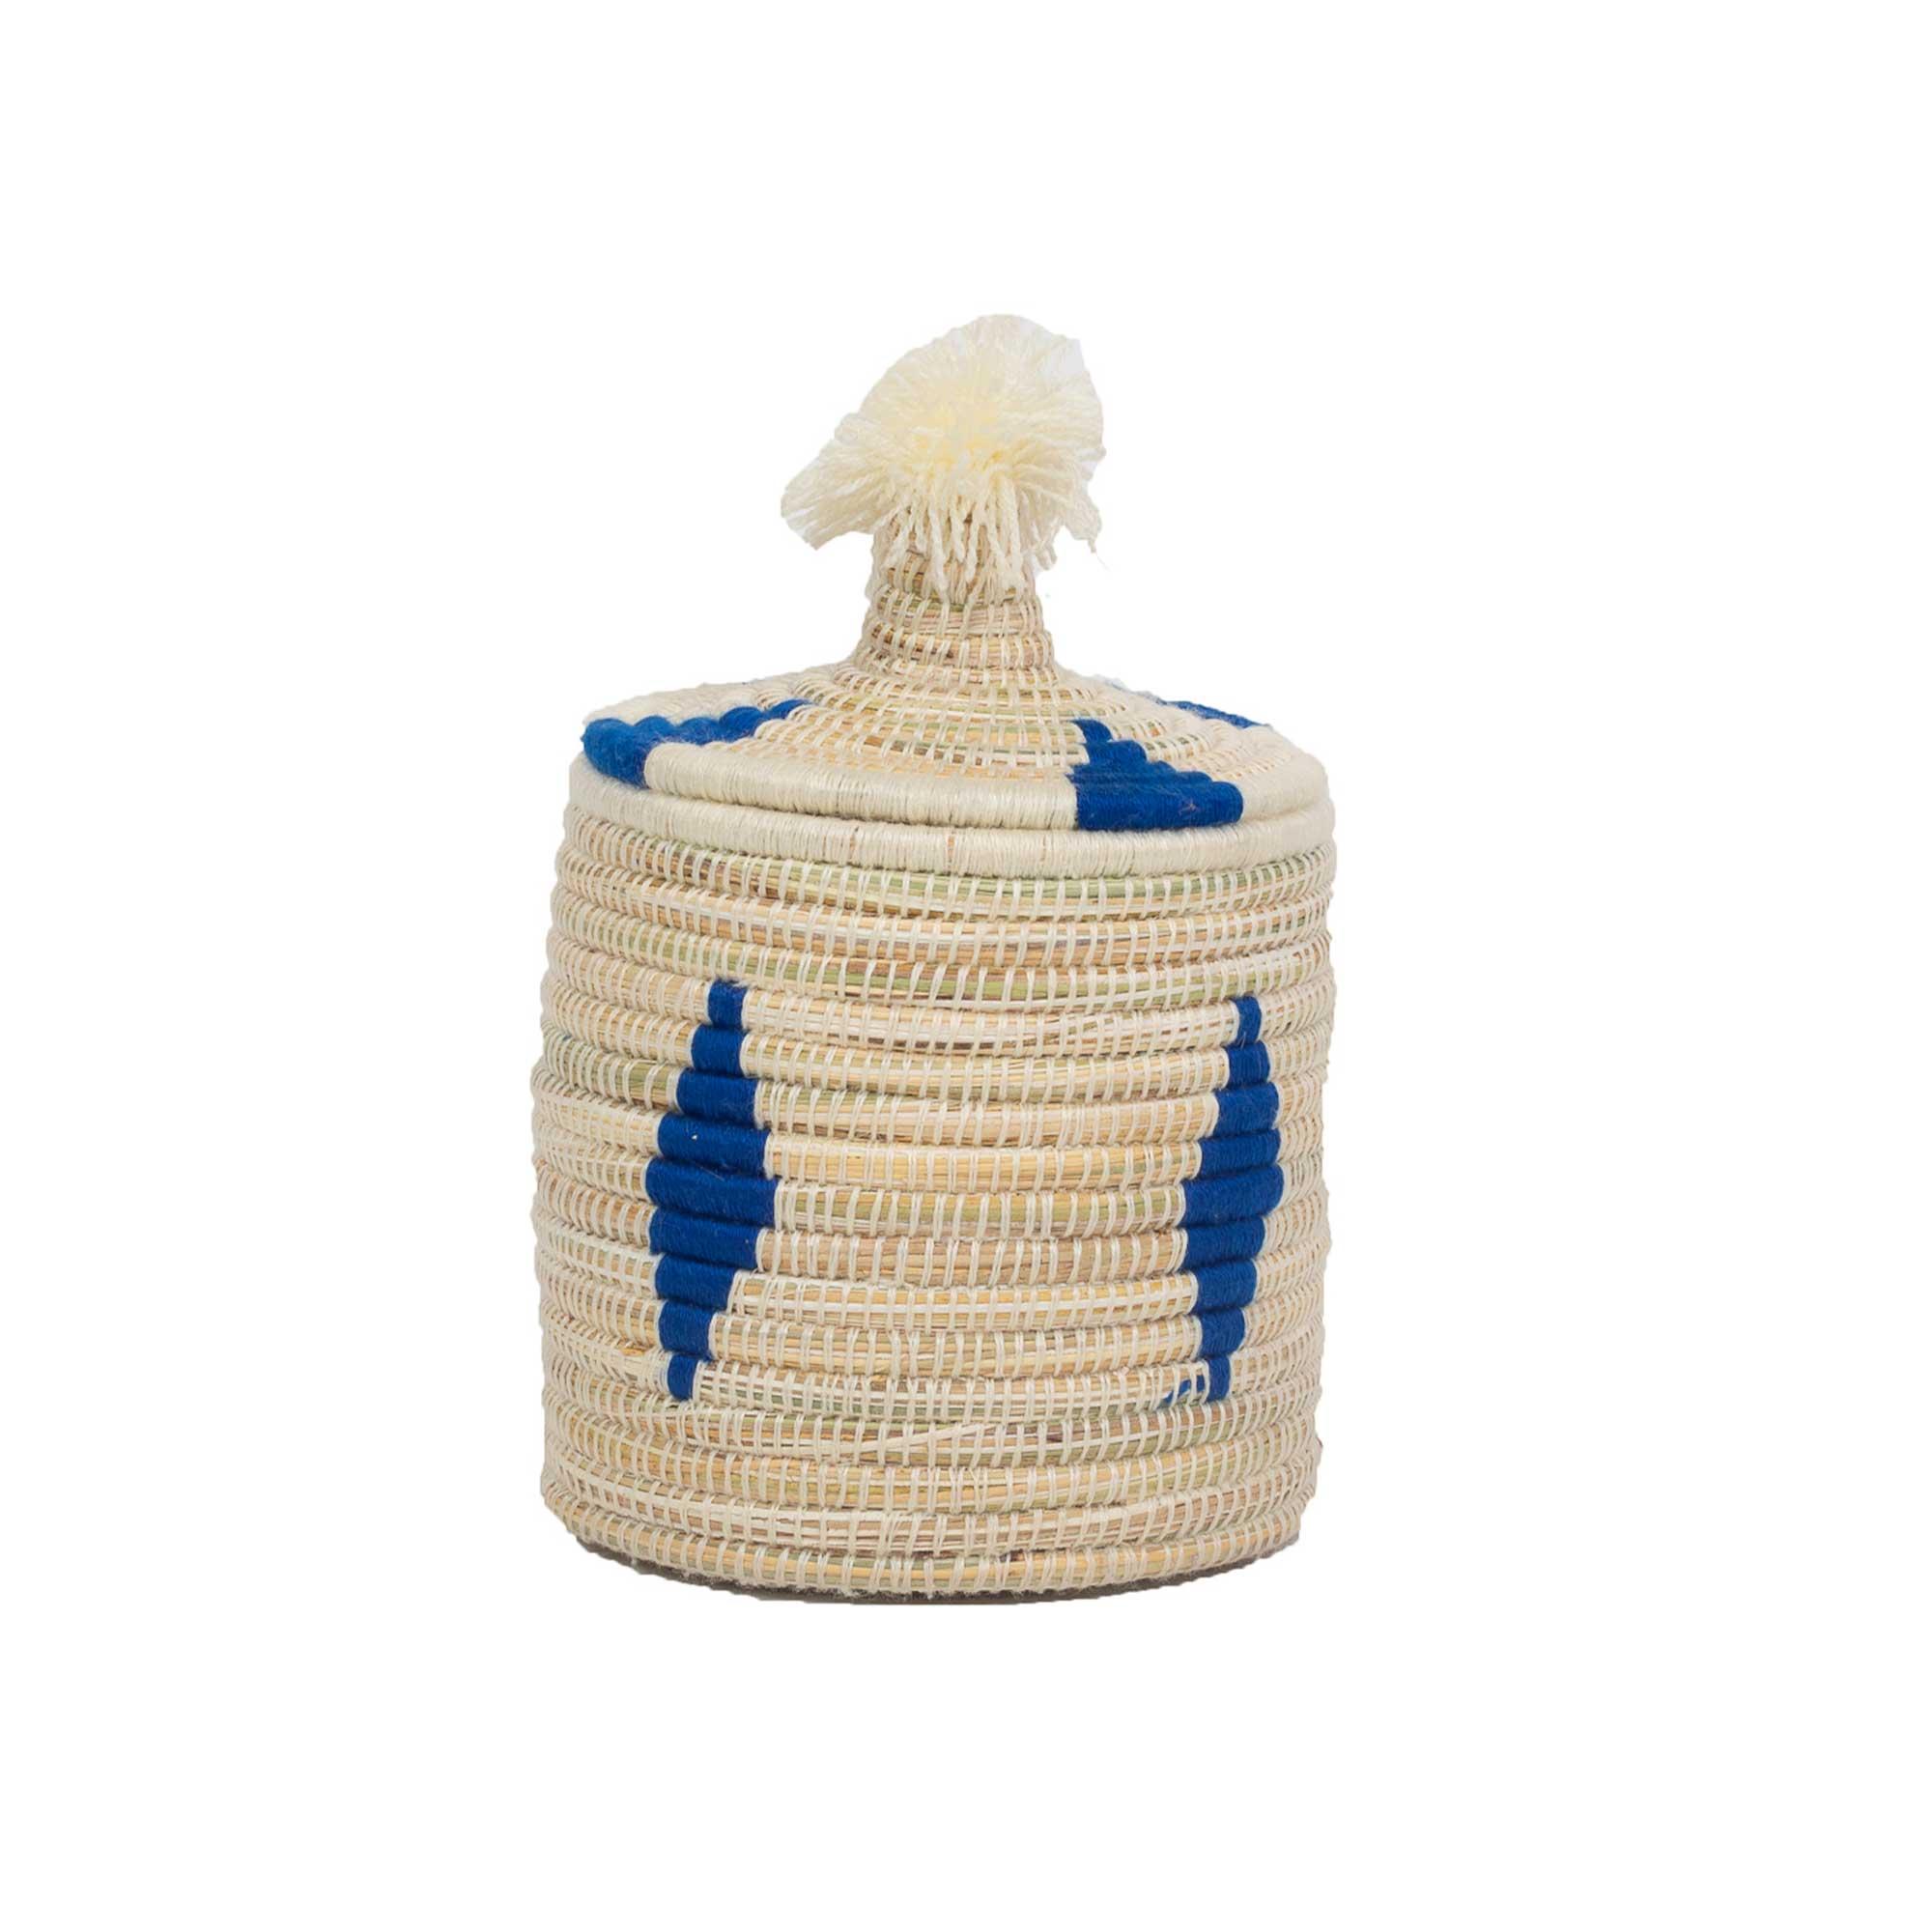 Boîte berbère en laine et osier à motif bleu